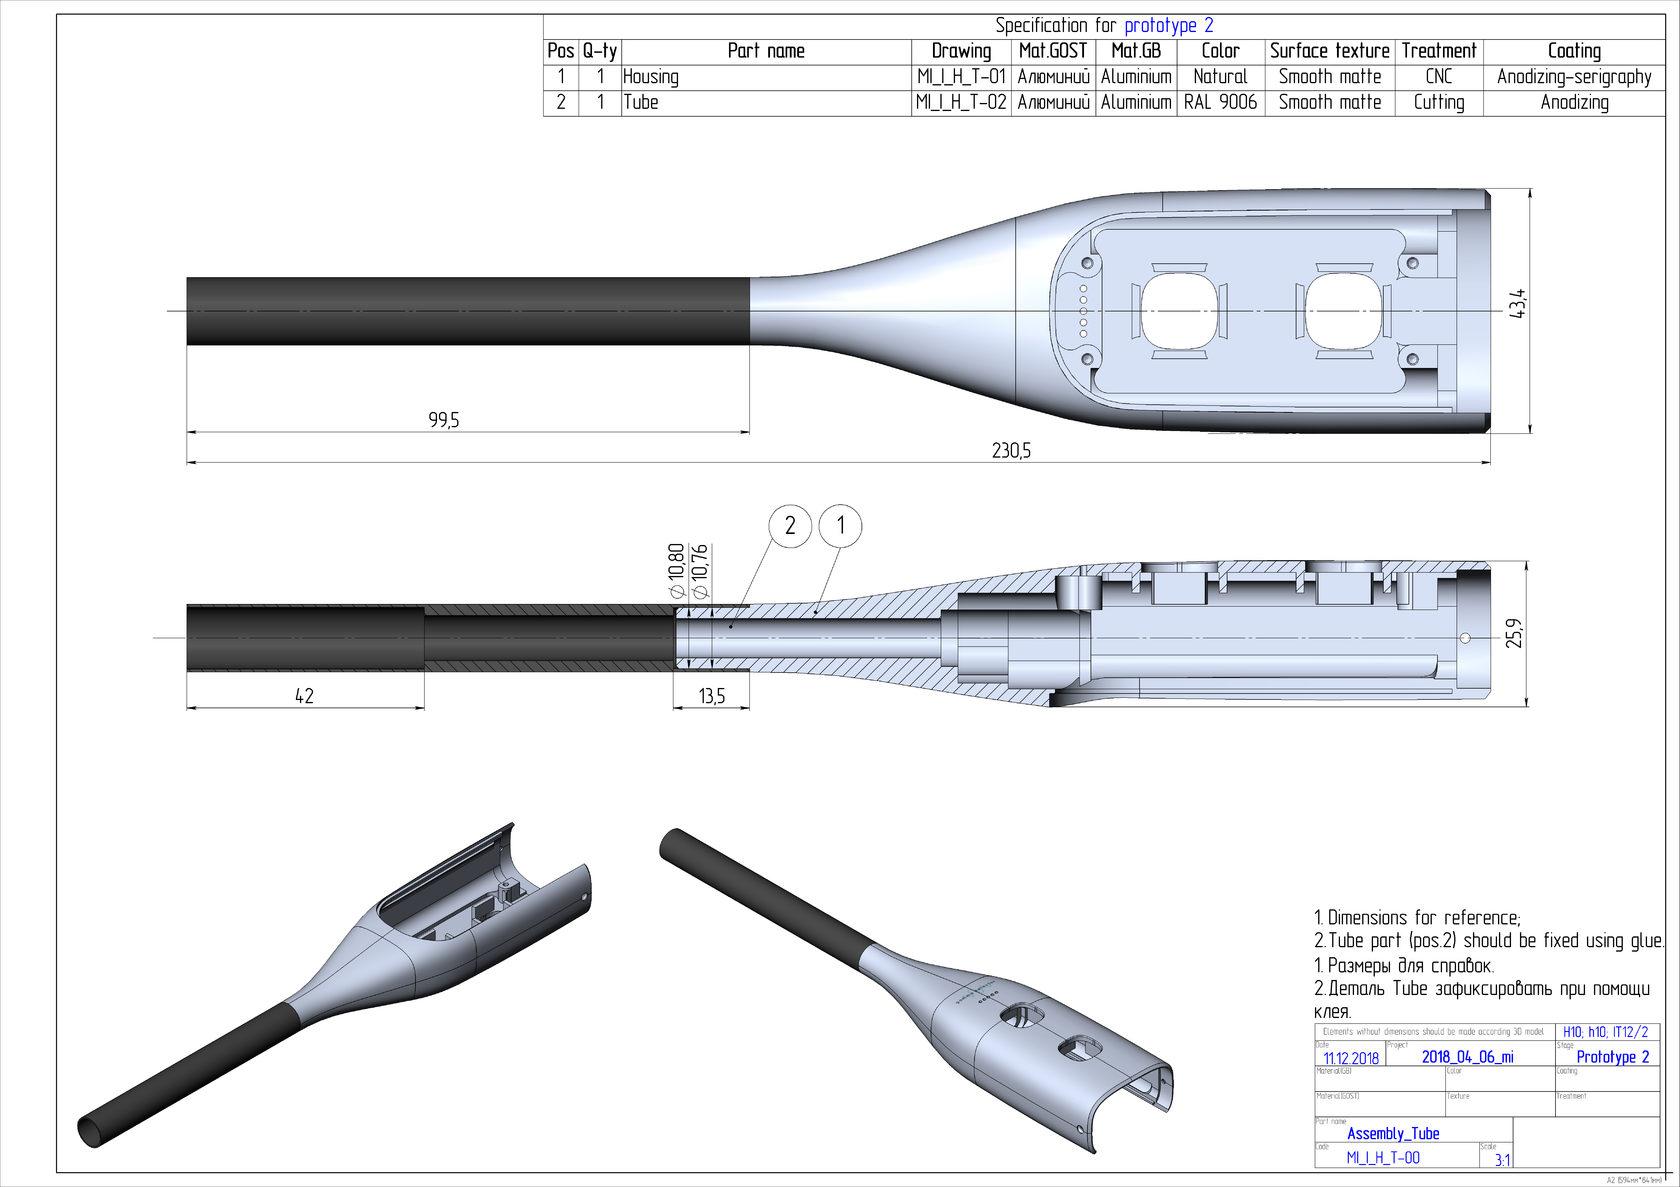 Конструкторская документация для производства прототипа готова